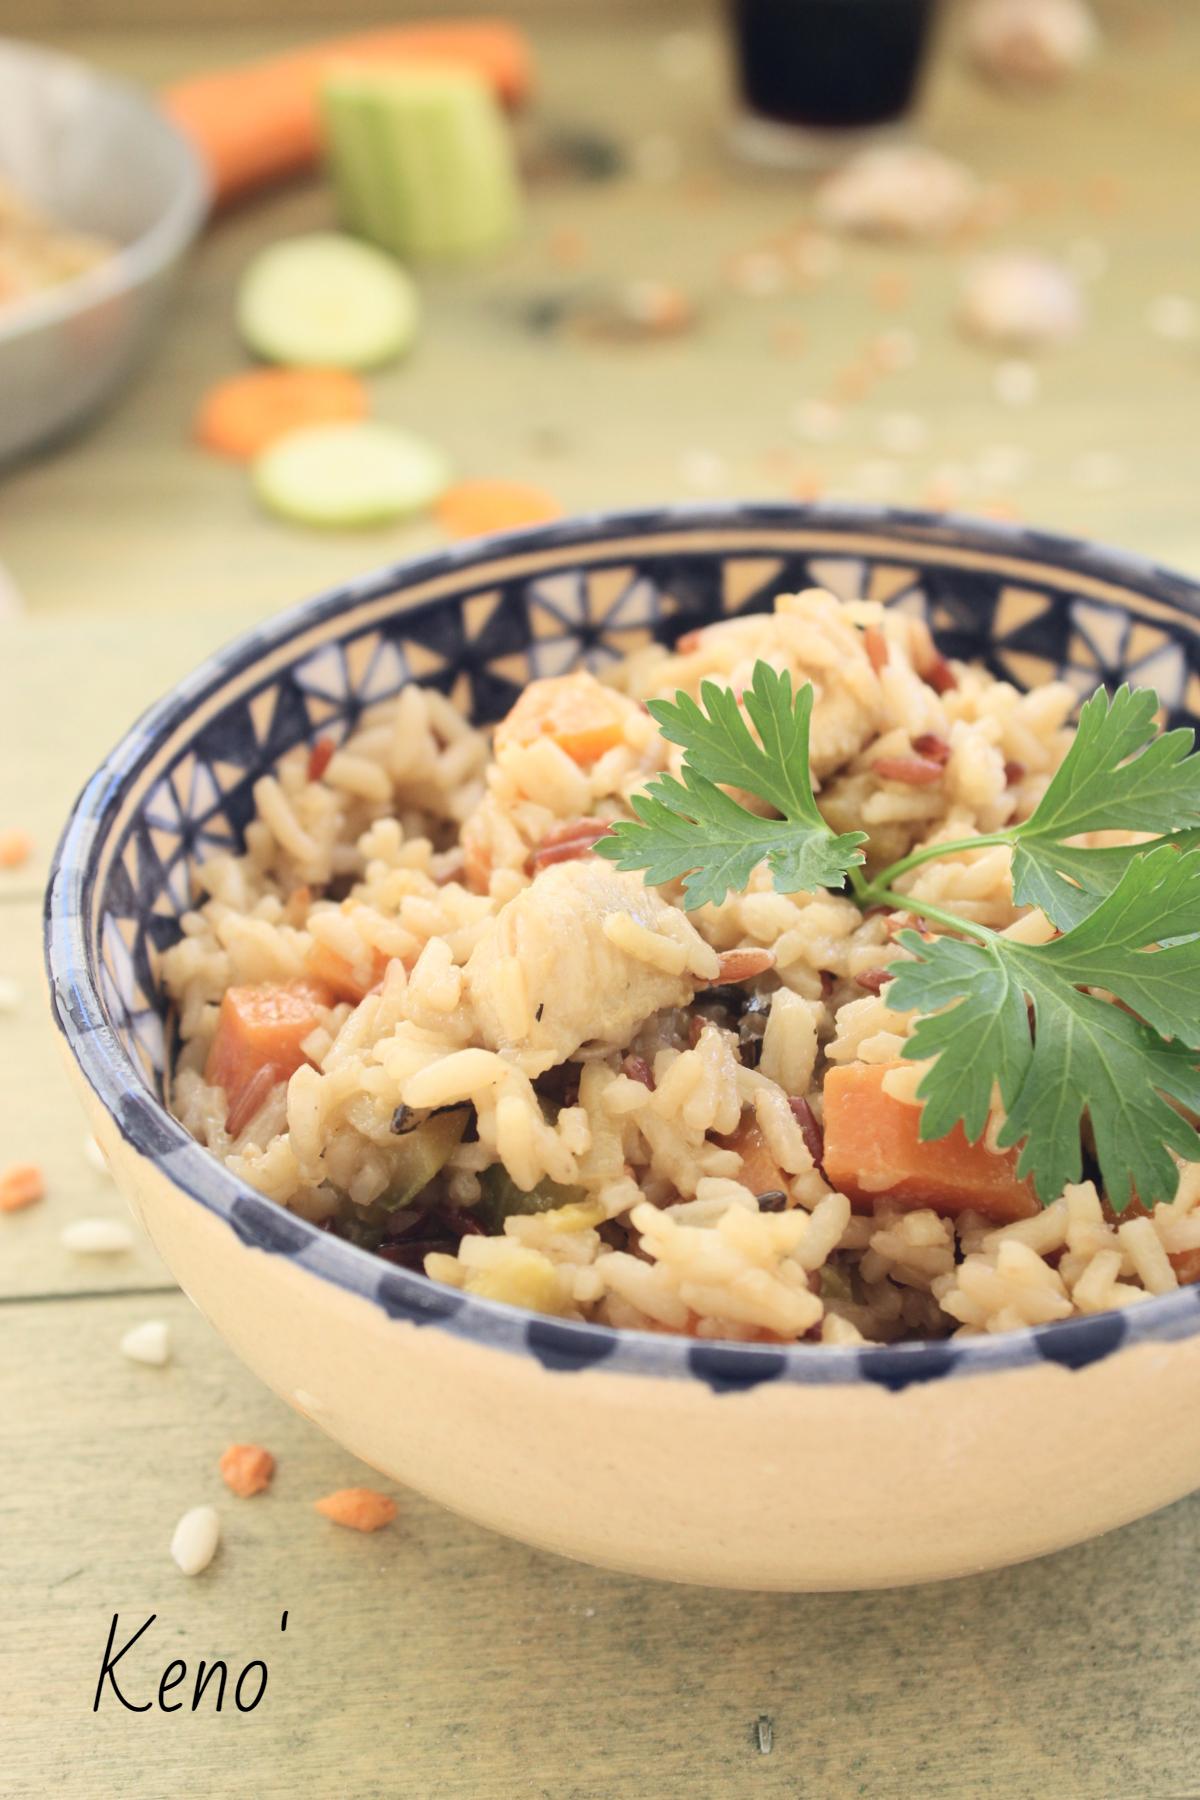 Insalata di riso basmati con pollo verdure-soia